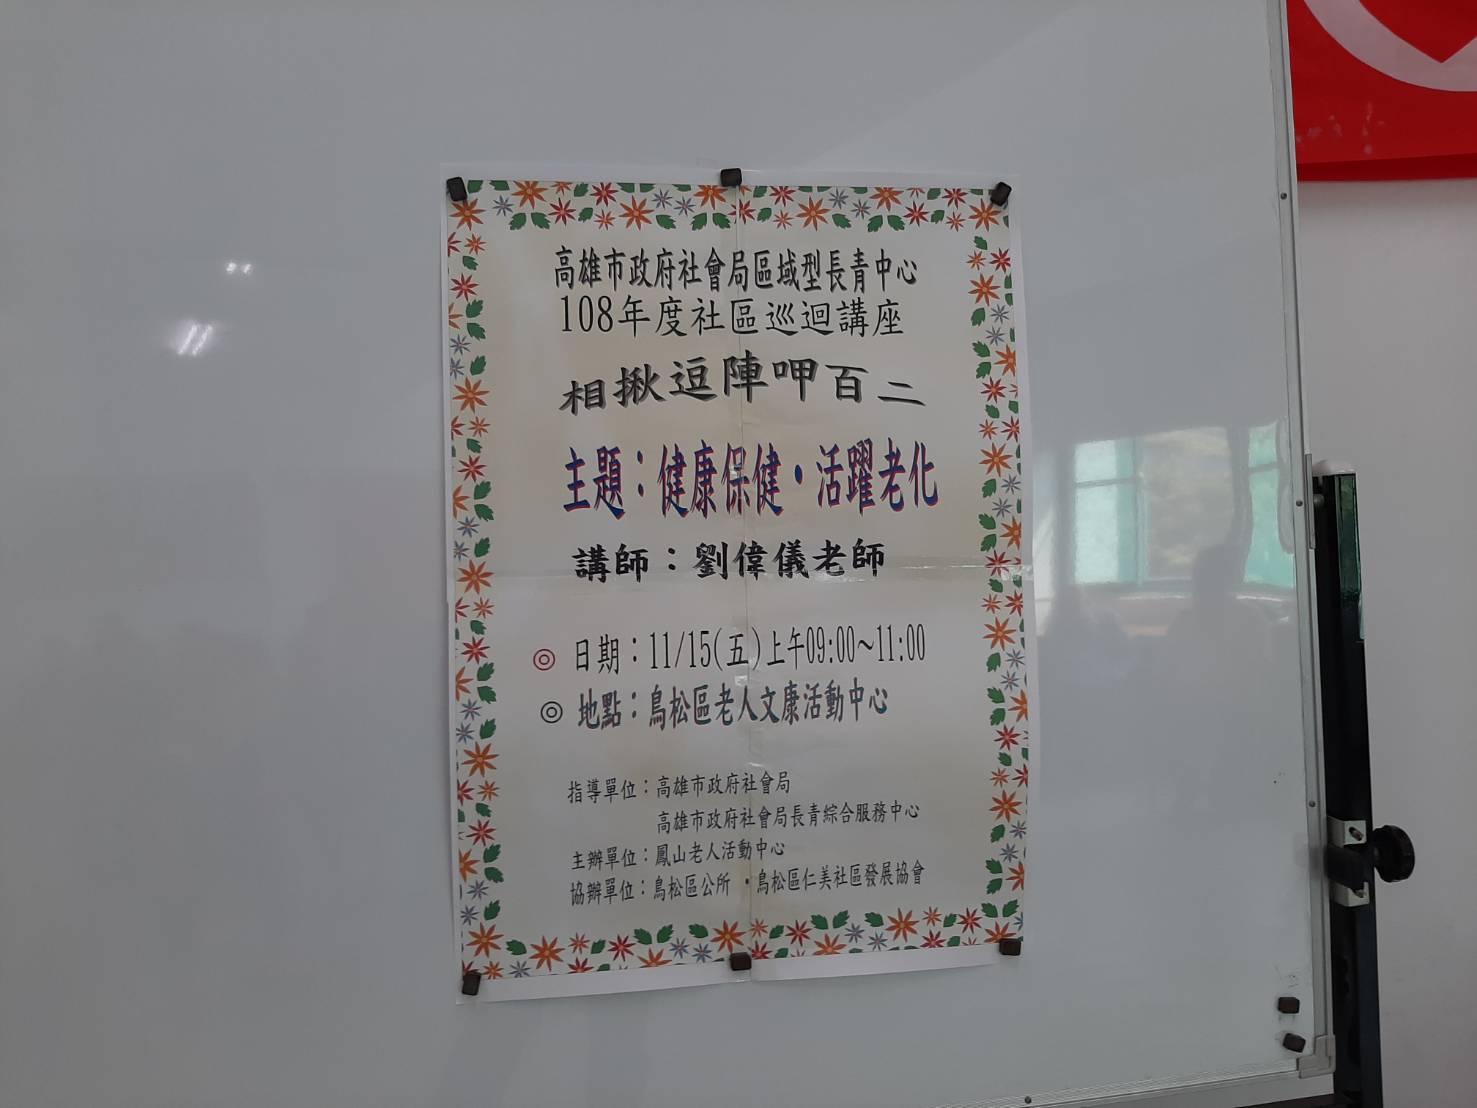 社區巡迴講座-鳥松區老人活動中心